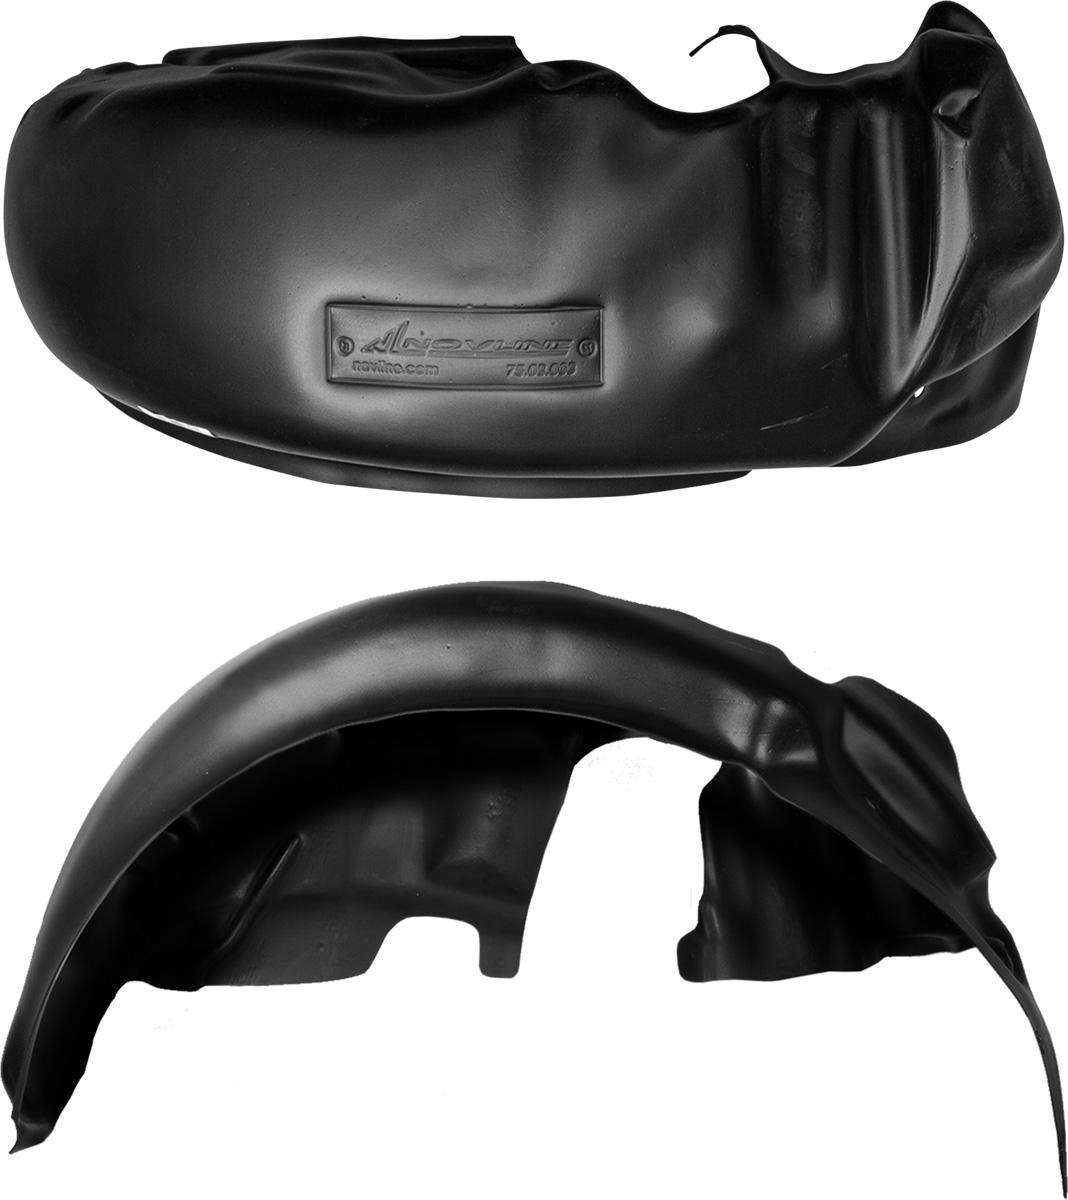 Подкрылок КIА RIO, 2011->, седан, задний правыйNLL.25.38.004Колесные ниши – одни из самых уязвимых зон днища вашего автомобиля. Они постоянно подвергаются воздействию со стороны дороги. Лучшая, почти абсолютная защита для них - специально отформованные пластиковые кожухи, которые называются подкрылками, или локерами. Производятся они как для отечественных моделей автомобилей, так и для иномарок. Подкрылки выполнены из высококачественного, экологически чистого пластика. Обеспечивают надежную защиту кузова автомобиля от пескоструйного эффекта и негативного влияния, агрессивных антигололедных реагентов. Пластик обладает более низкой теплопроводностью, чем металл, поэтому в зимний период эксплуатации использование пластиковых подкрылков позволяет лучше защитить колесные ниши от налипания снега и образования наледи. Оригинальность конструкции подчеркивает элегантность автомобиля, бережно защищает нанесенное на днище кузова антикоррозийное покрытие и позволяет осуществить крепление подкрылков внутри колесной арки практически без дополнительного крепежа и сверления, не нарушая при этом лакокрасочного покрытия, что предотвращает возникновение новых очагов коррозии. Технология крепления подкрылков на иномарки принципиально отличается от крепления на российские автомобили и разрабатывается индивидуально для каждой модели автомобиля. Подкрылки долговечны, обладают высокой прочностью и сохраняют заданную форму, а также все свои физико-механические характеристики в самых тяжелых климатических условиях ( от -50° С до + 50° С).